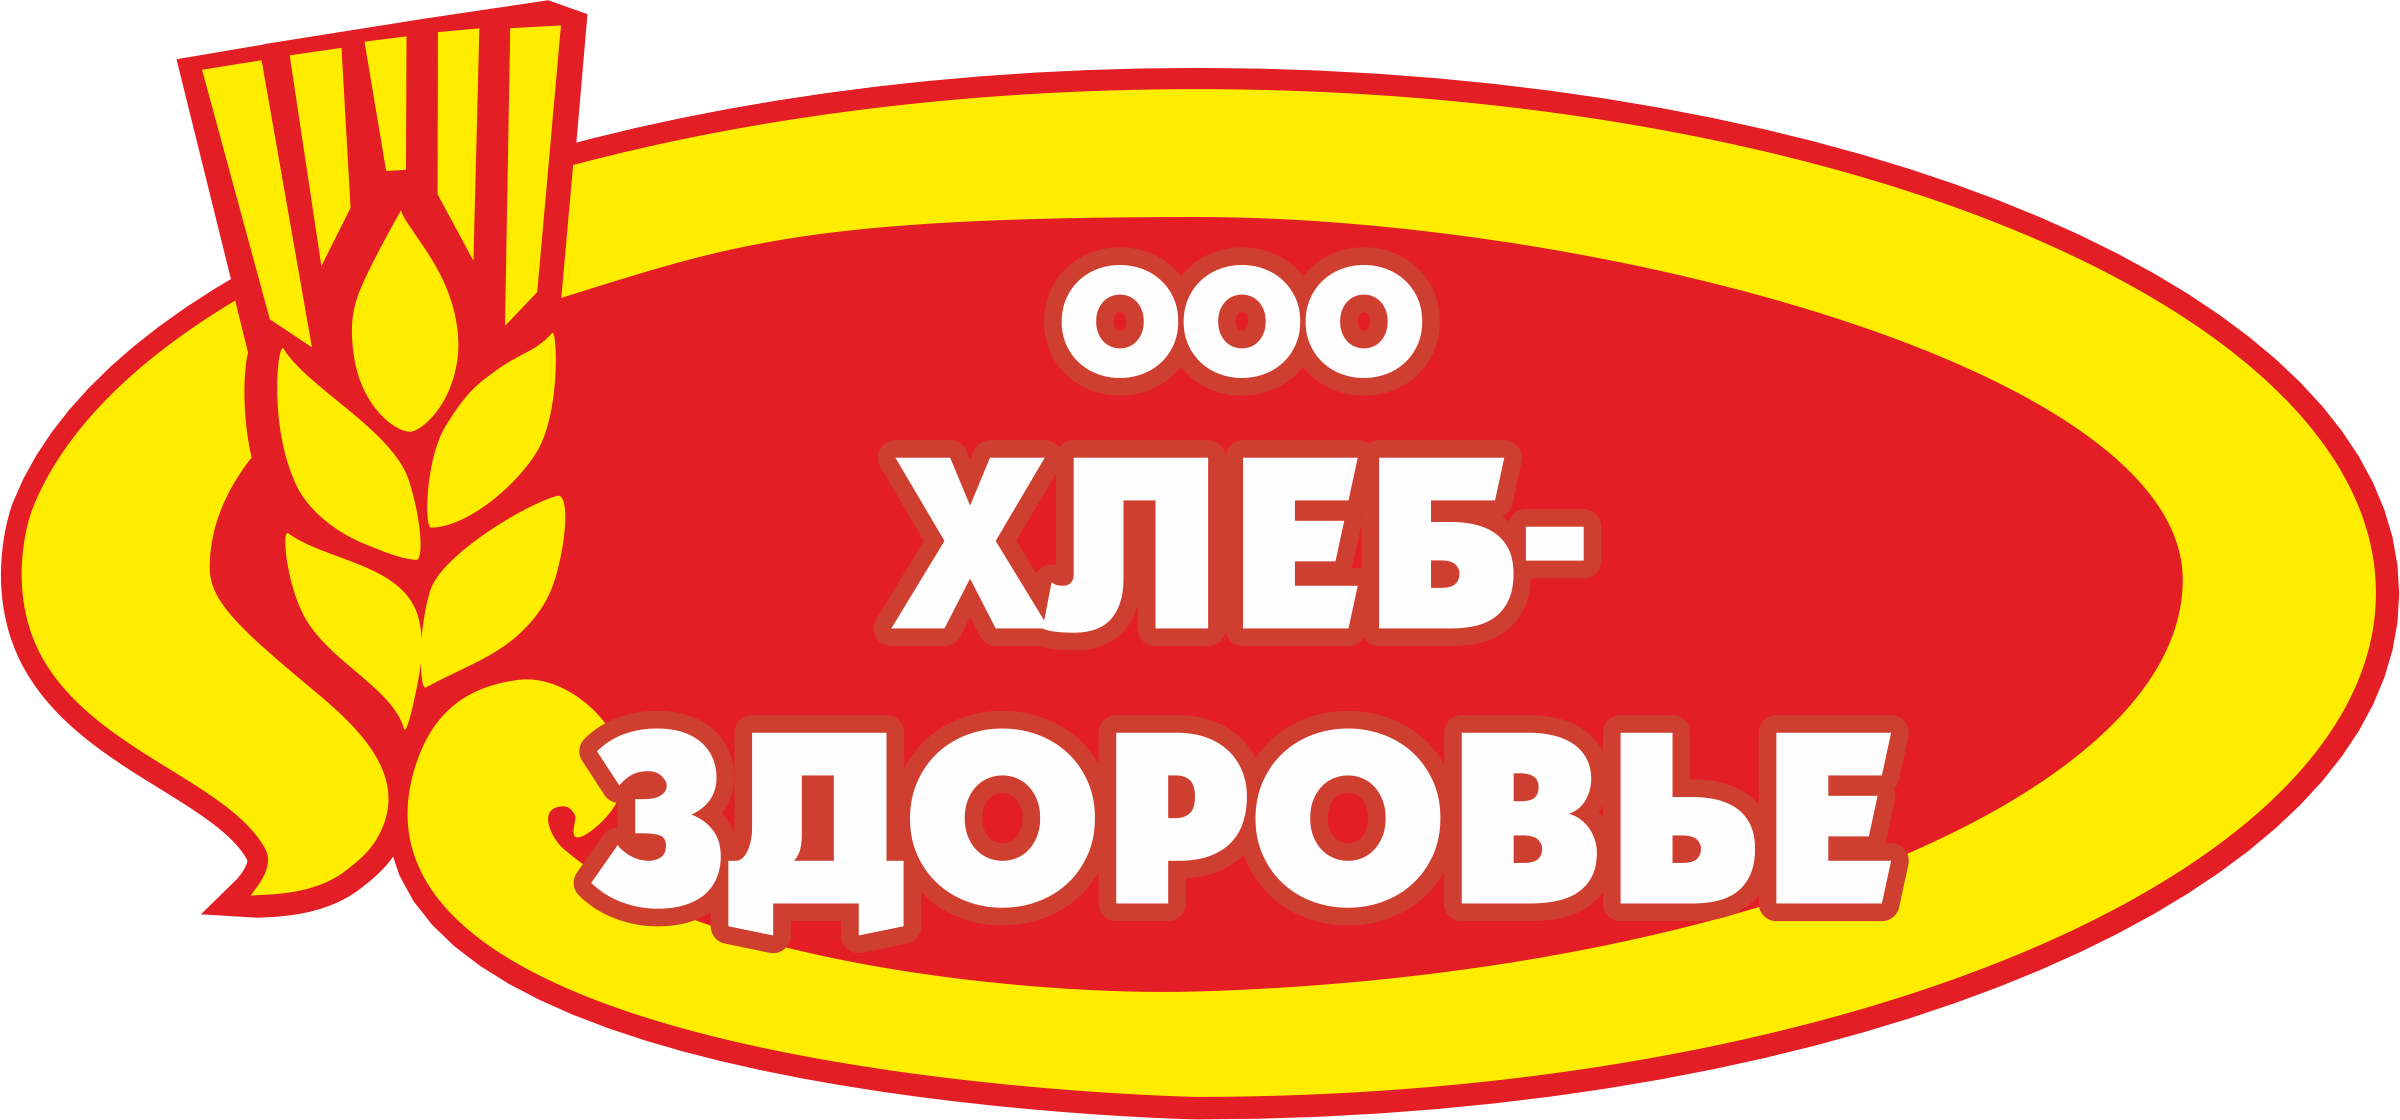 ООО «Хлеб-Здоровье»